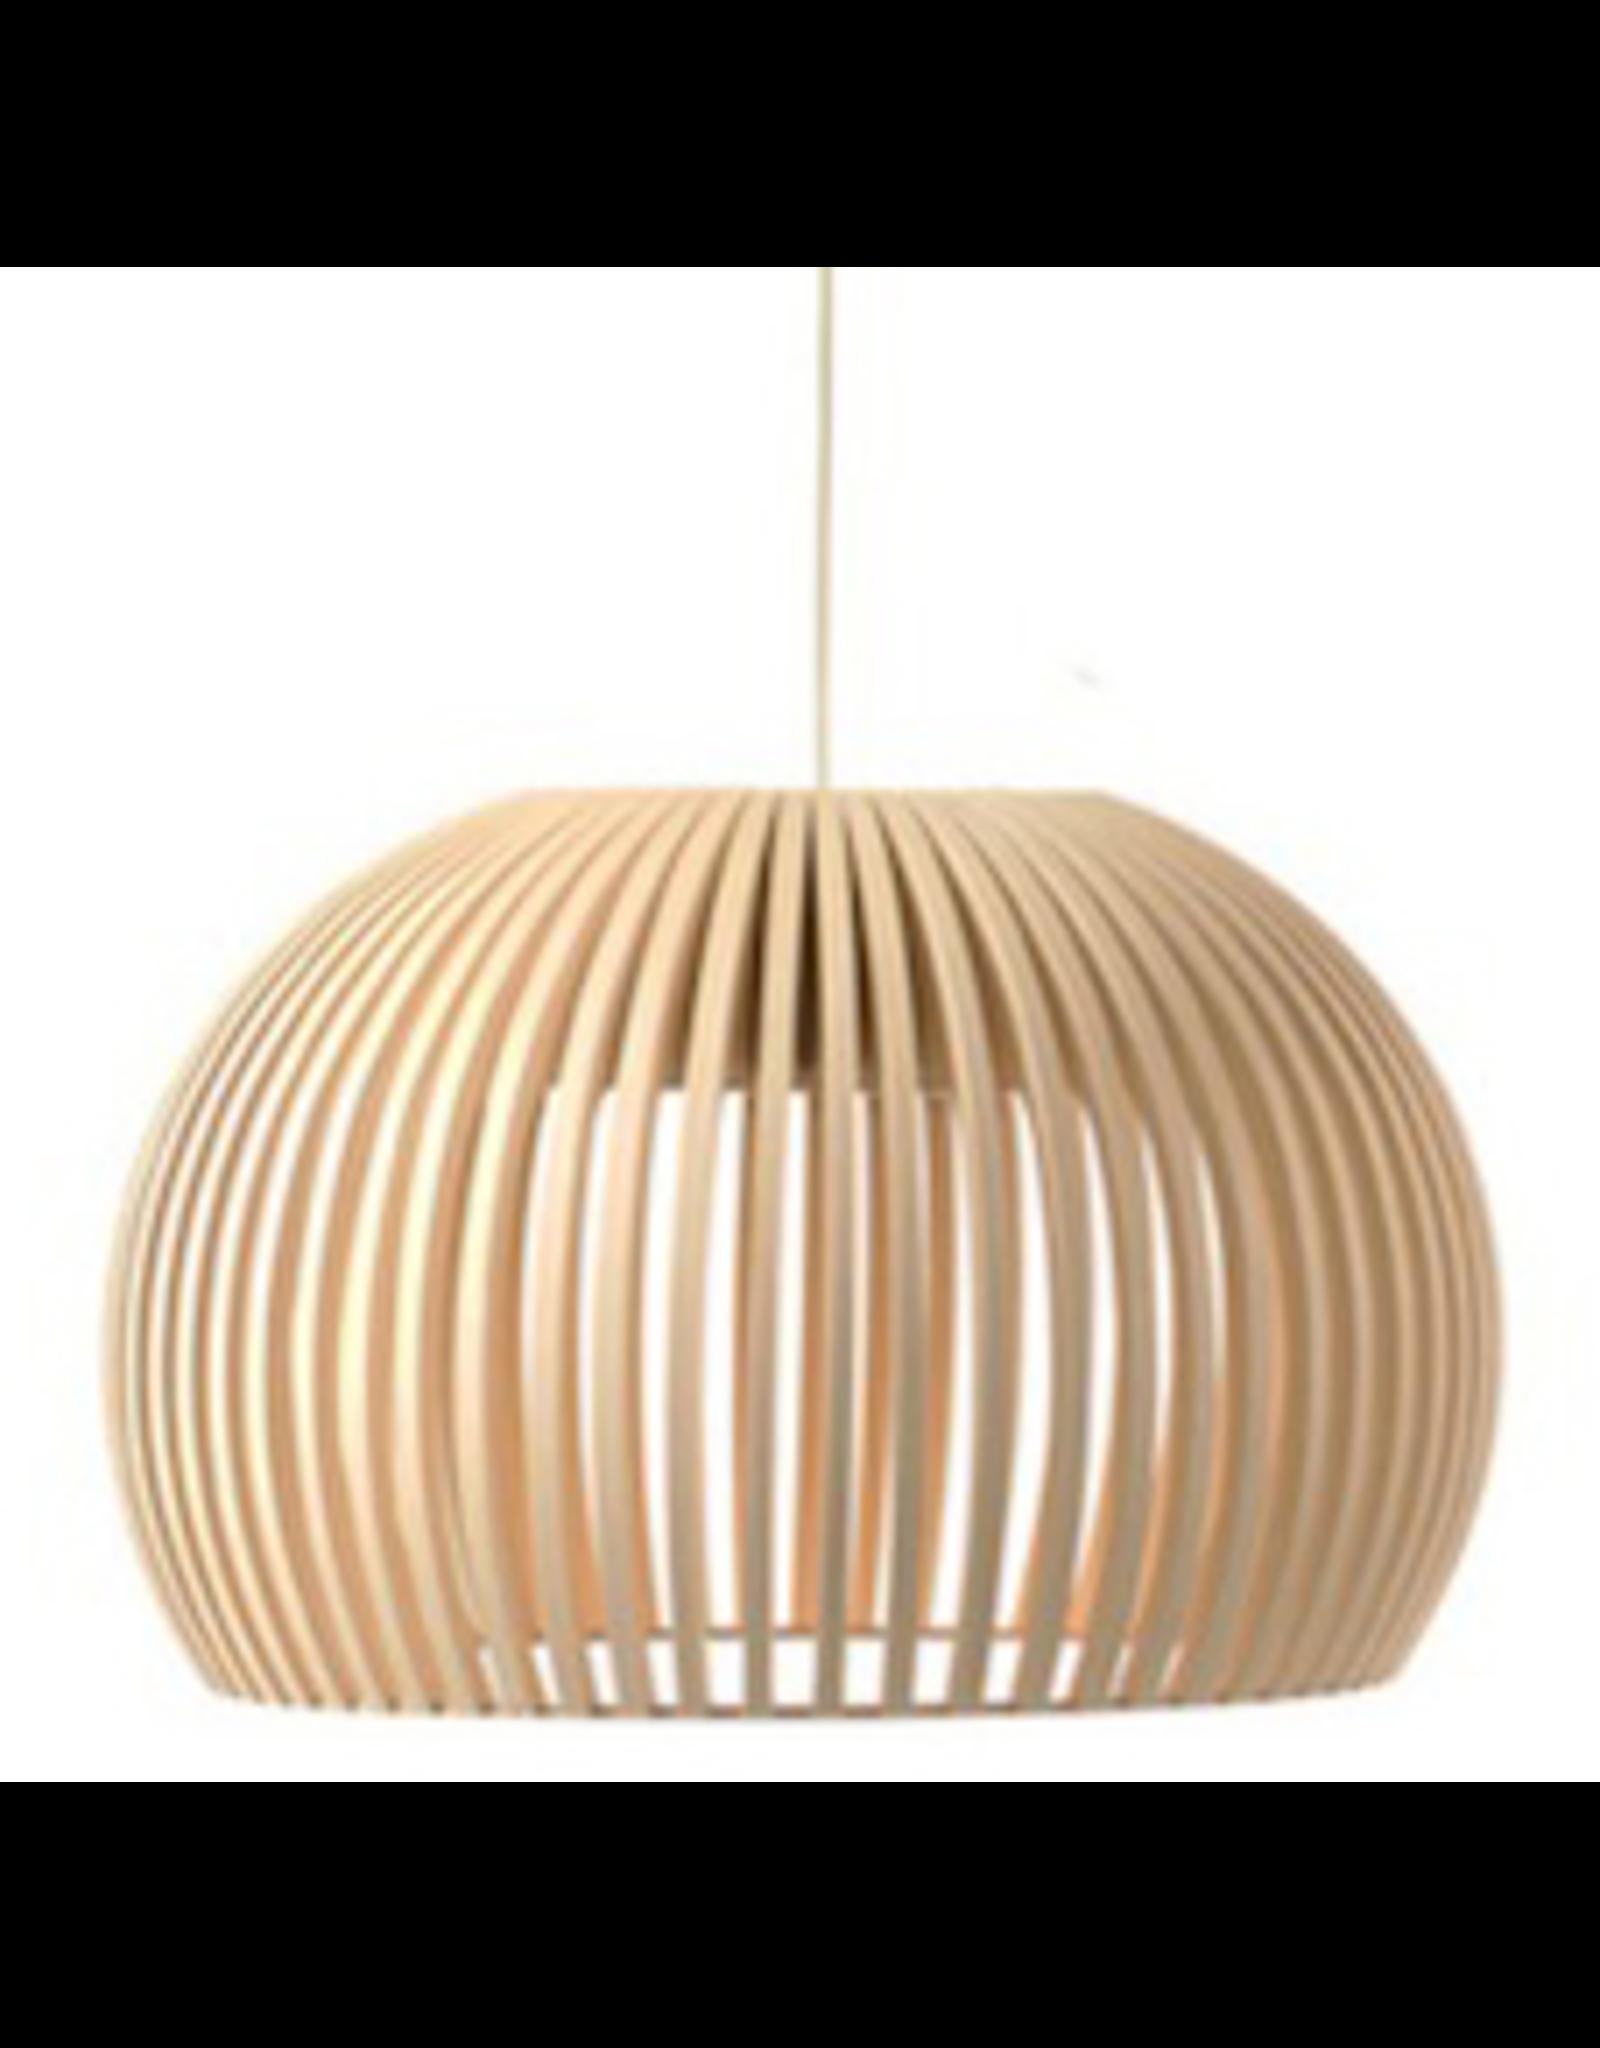 ATTO 5000 PEDANT LAMP